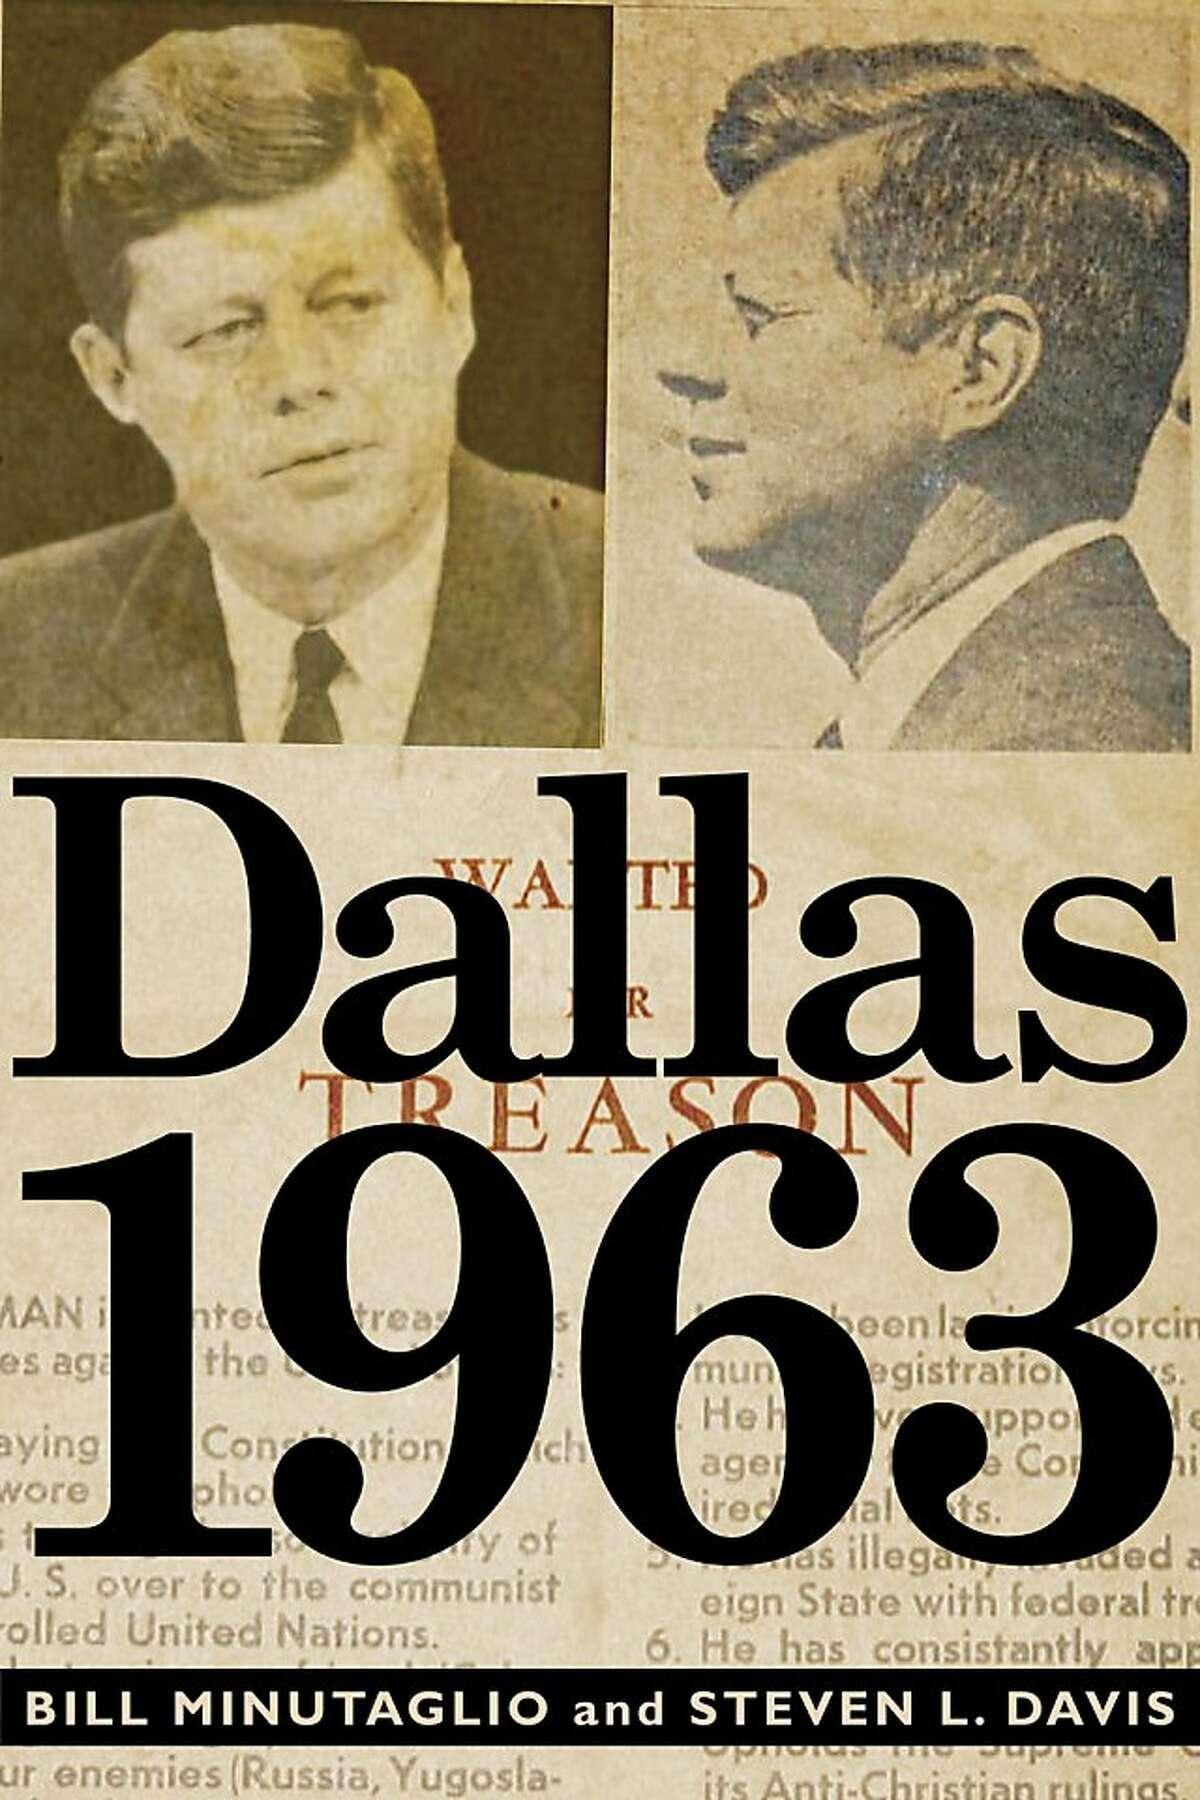 Dallas 1963, by Bill Minutaglio and Steven L. Davis